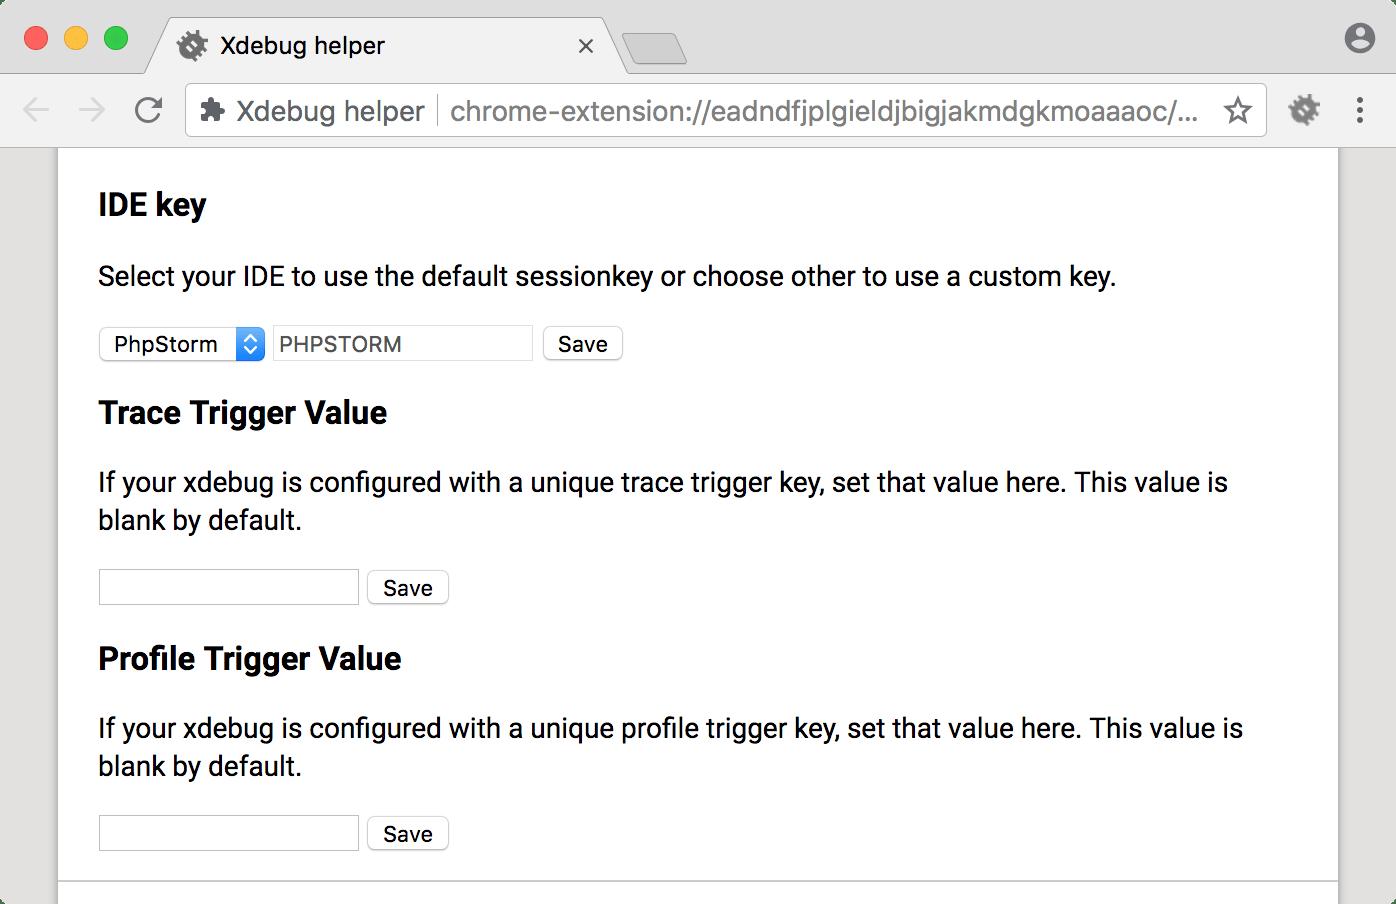 Xdebug helper settings